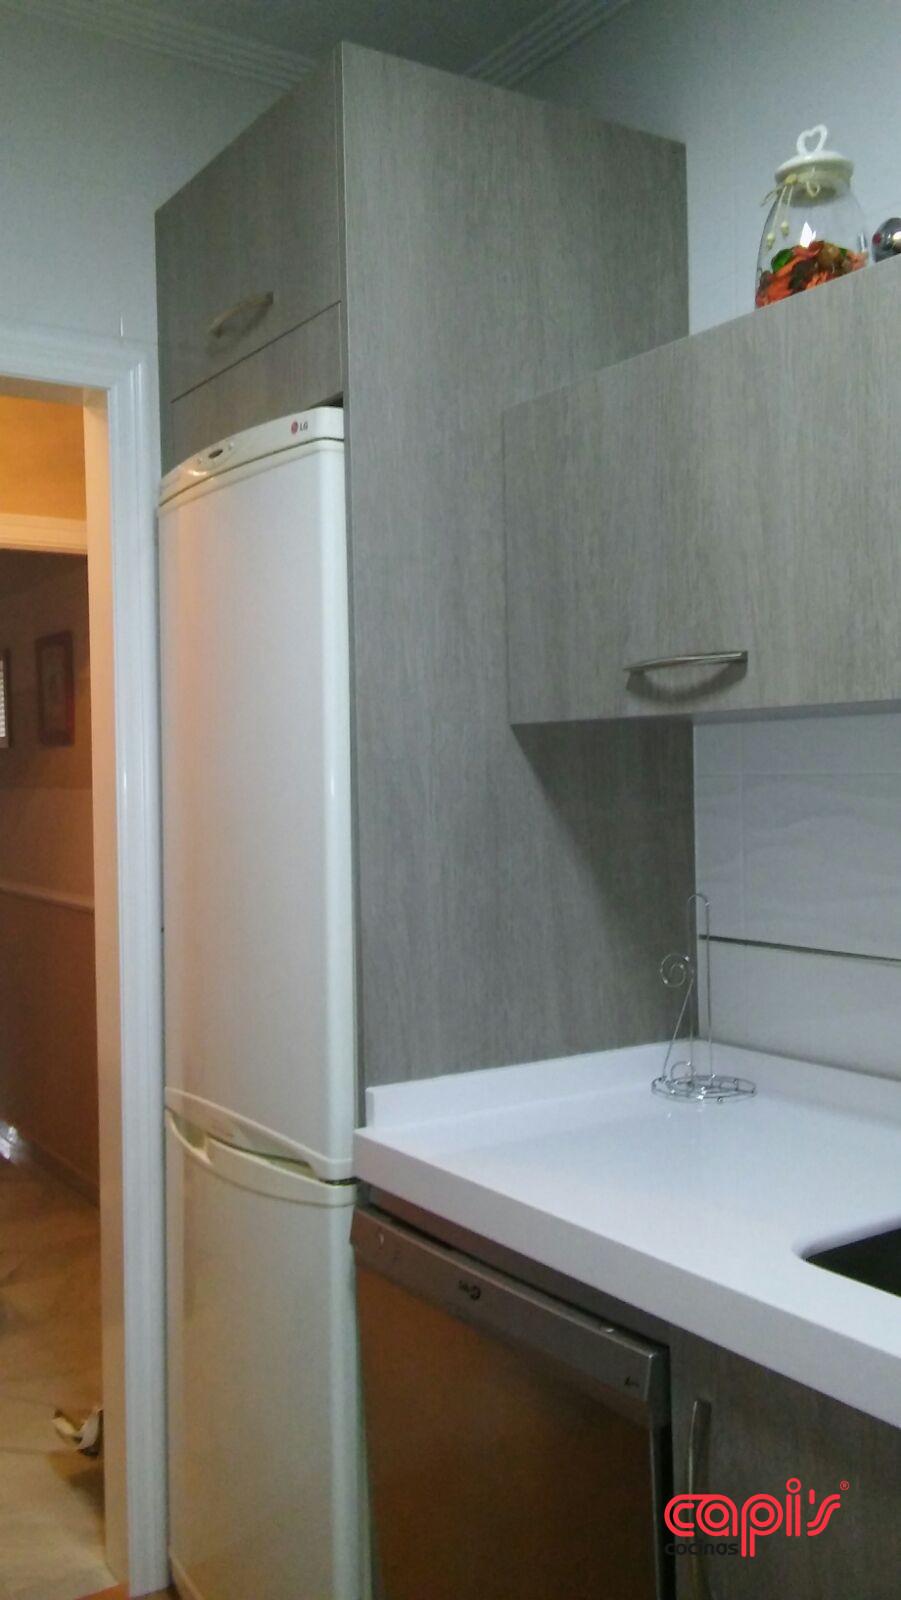 Muebles Cocina Formica Efecto Cristal: Cocinas que dan en el blanco ...